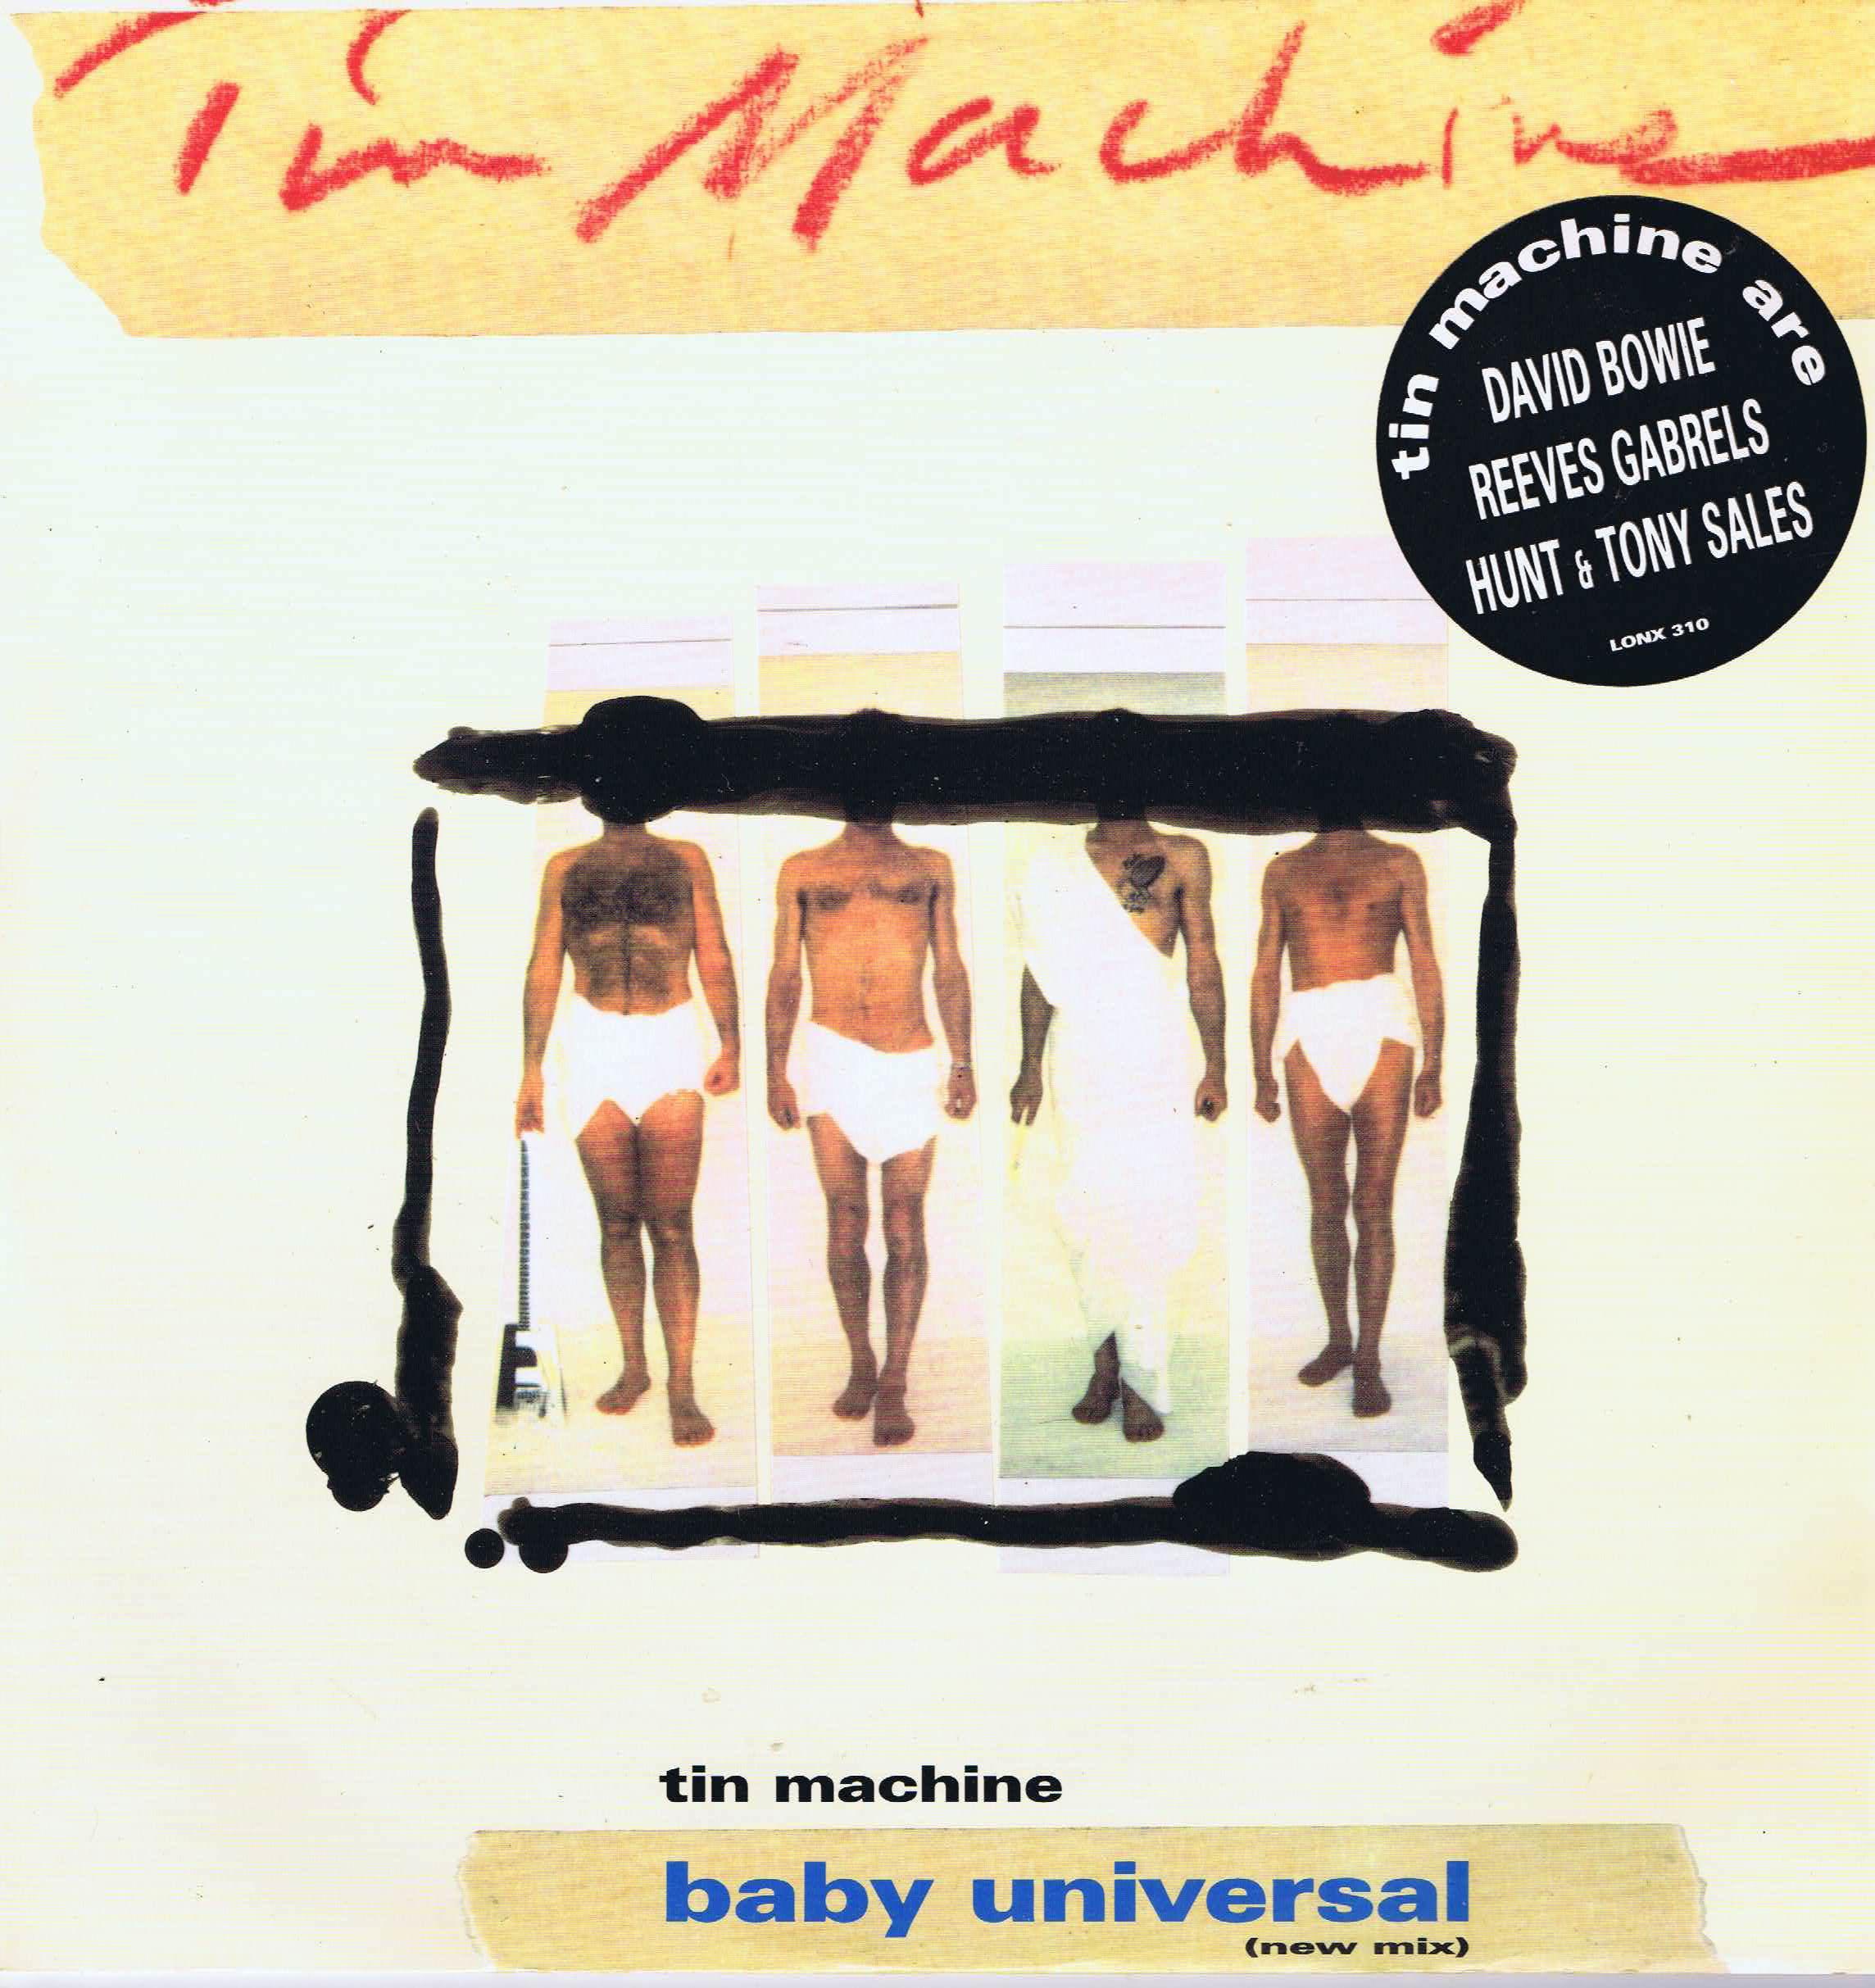 Tin Machine – Baby Universal (New Mix) – LONX 310